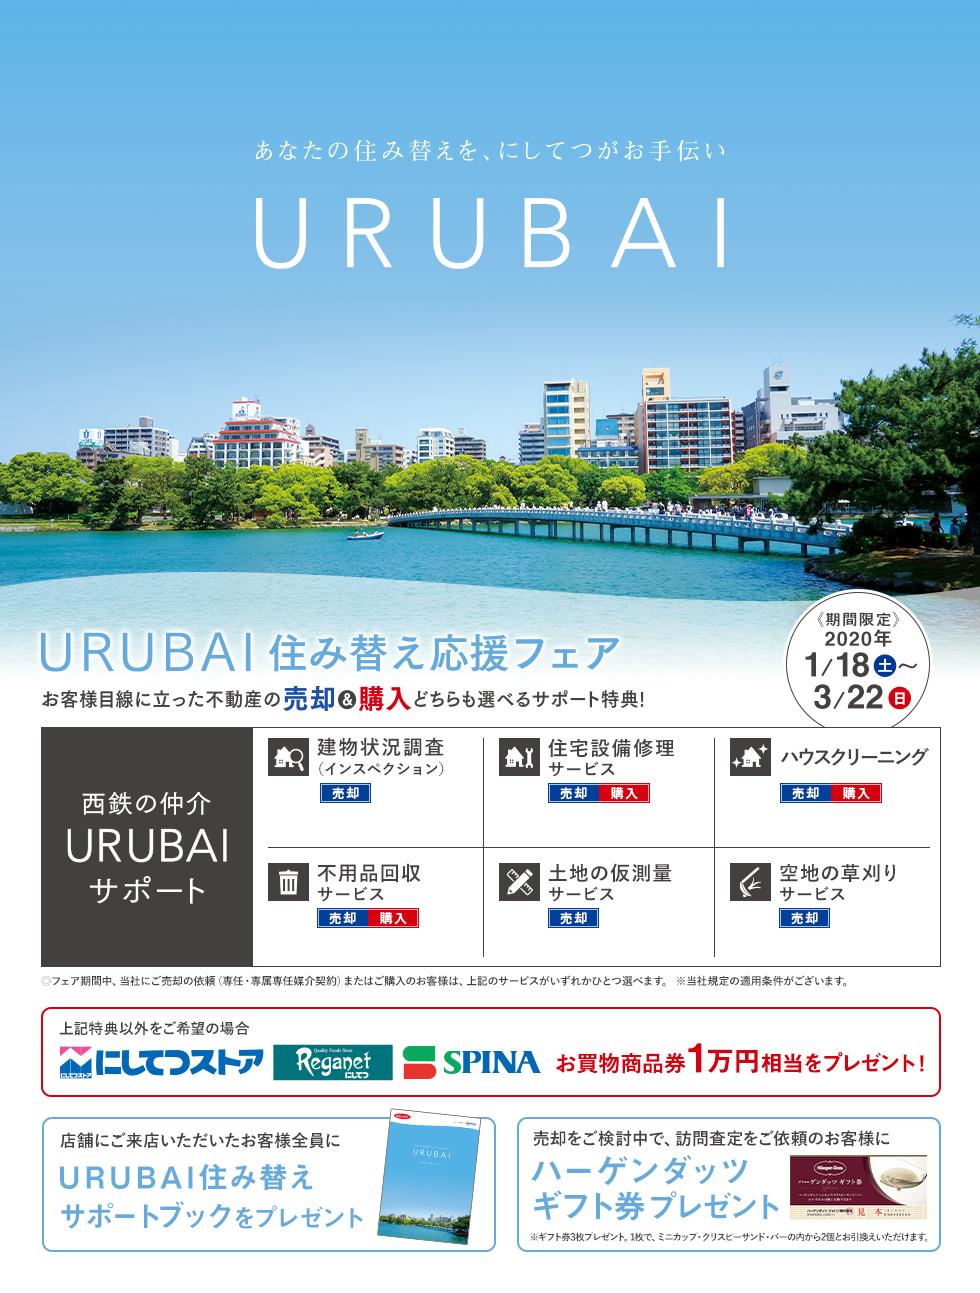 URUBAI 住み替え応援フェア <期間限定>2020年 1/18(土)〜3/22(日)